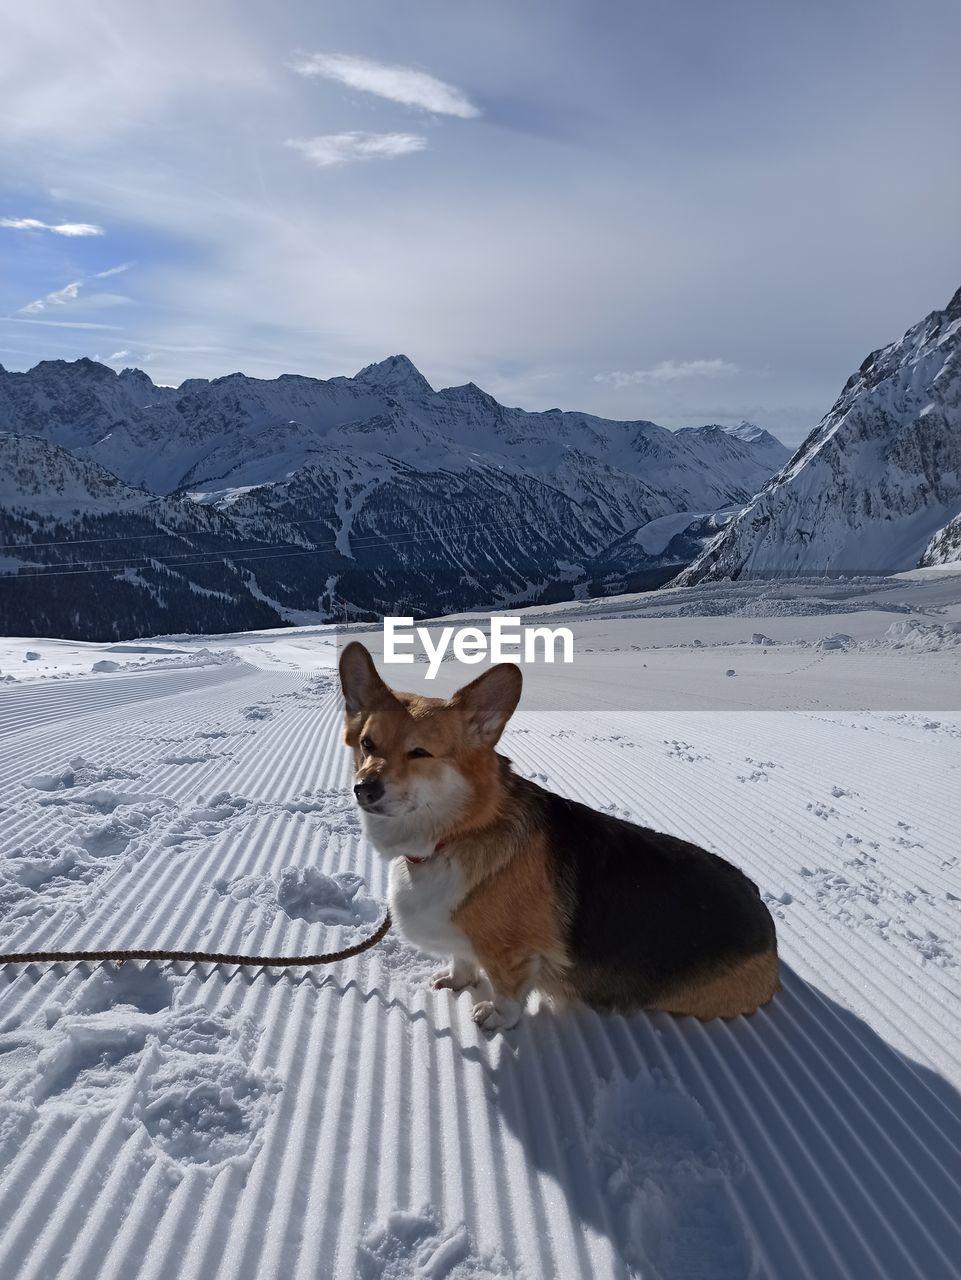 Corgi on snow covered mountain against sky